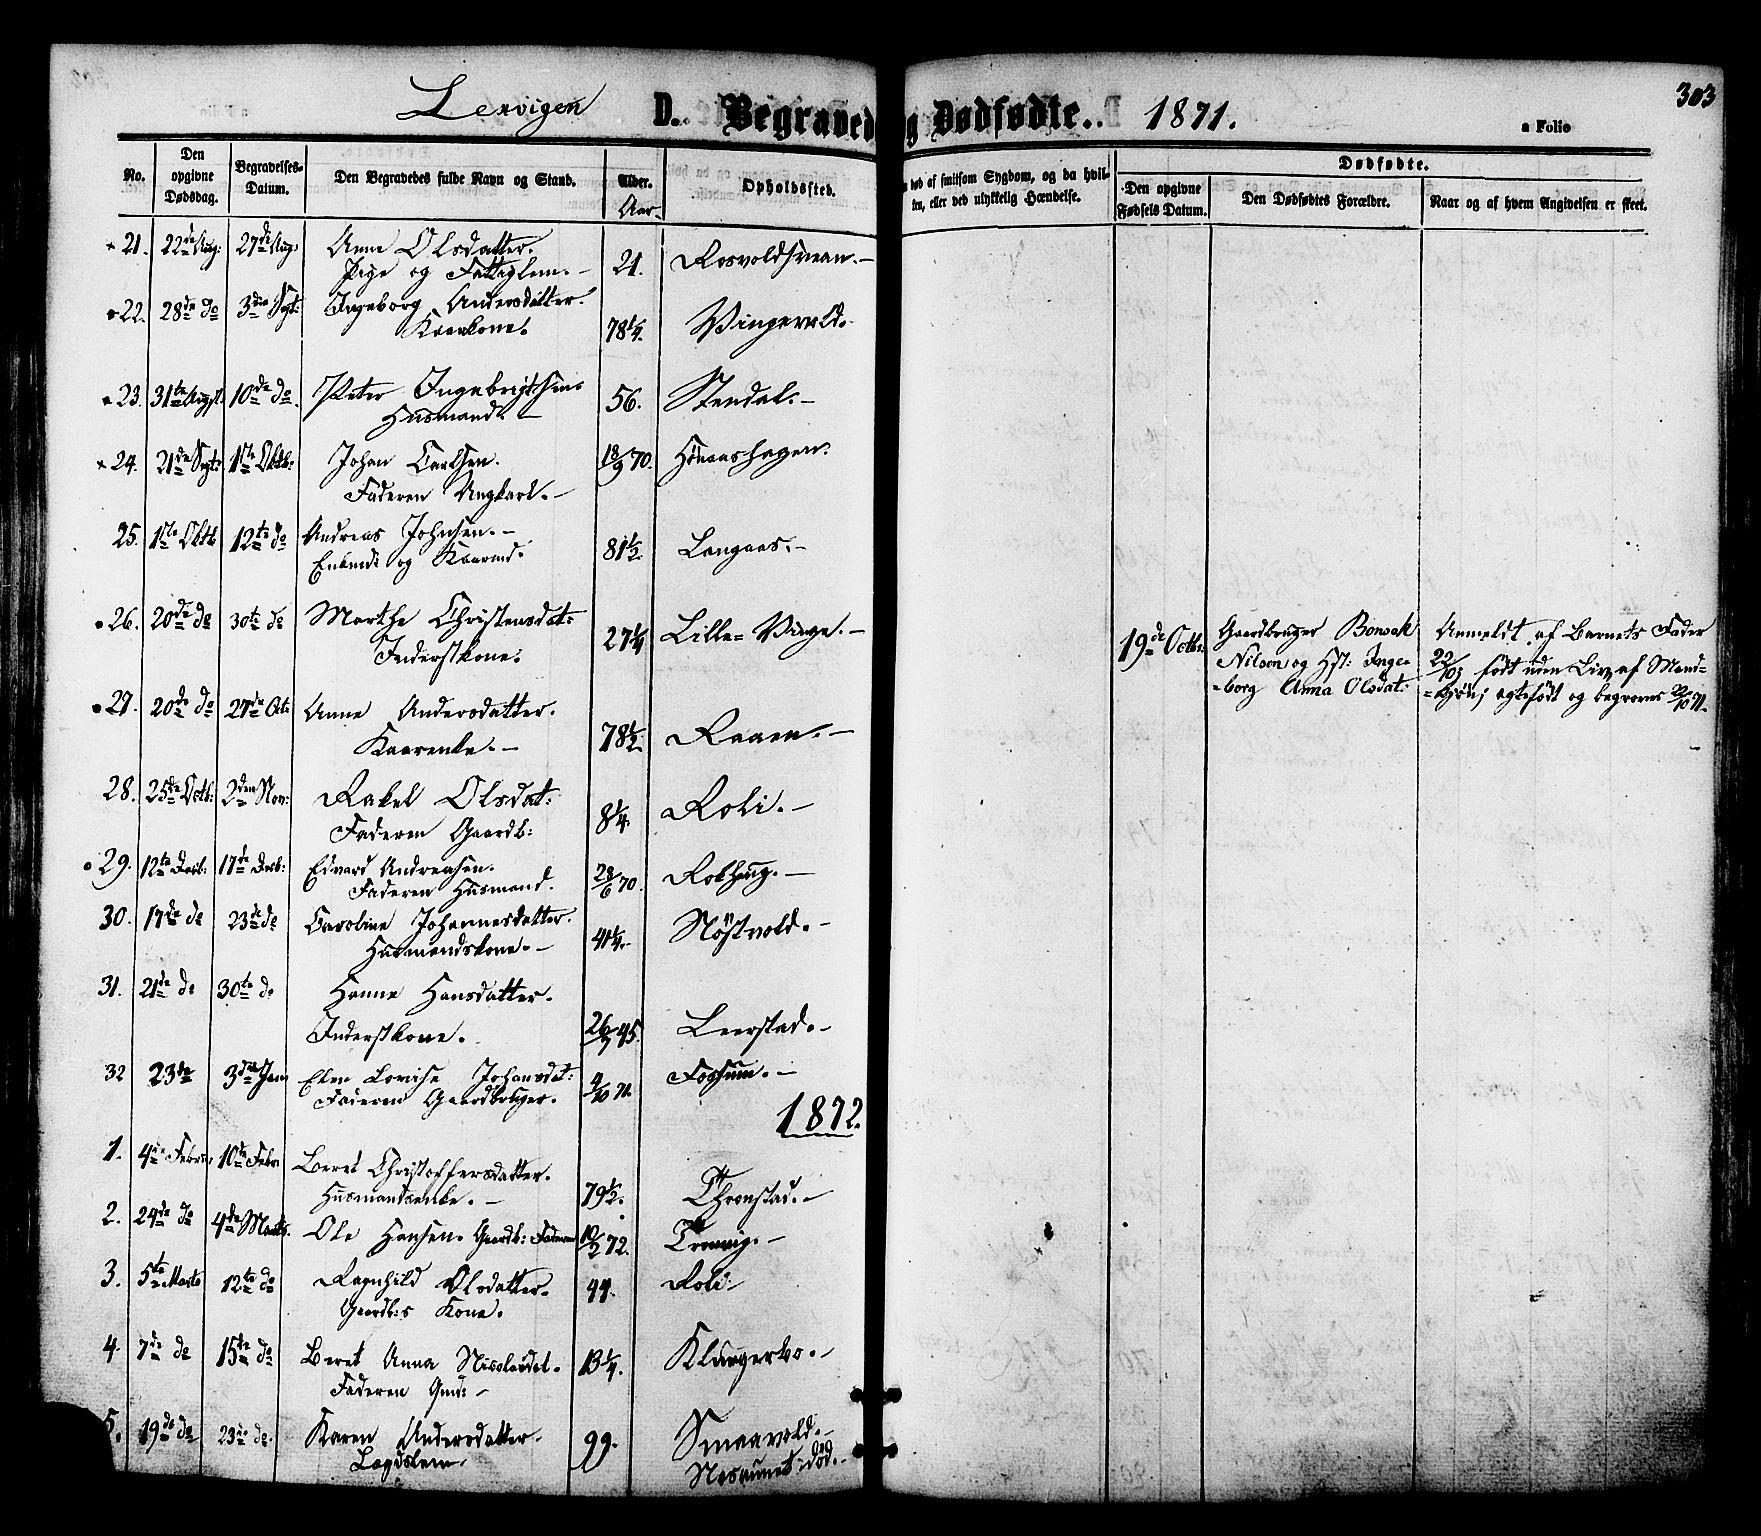 SAT, Ministerialprotokoller, klokkerbøker og fødselsregistre - Nord-Trøndelag, 701/L0009: Ministerialbok nr. 701A09 /1, 1864-1882, s. 303